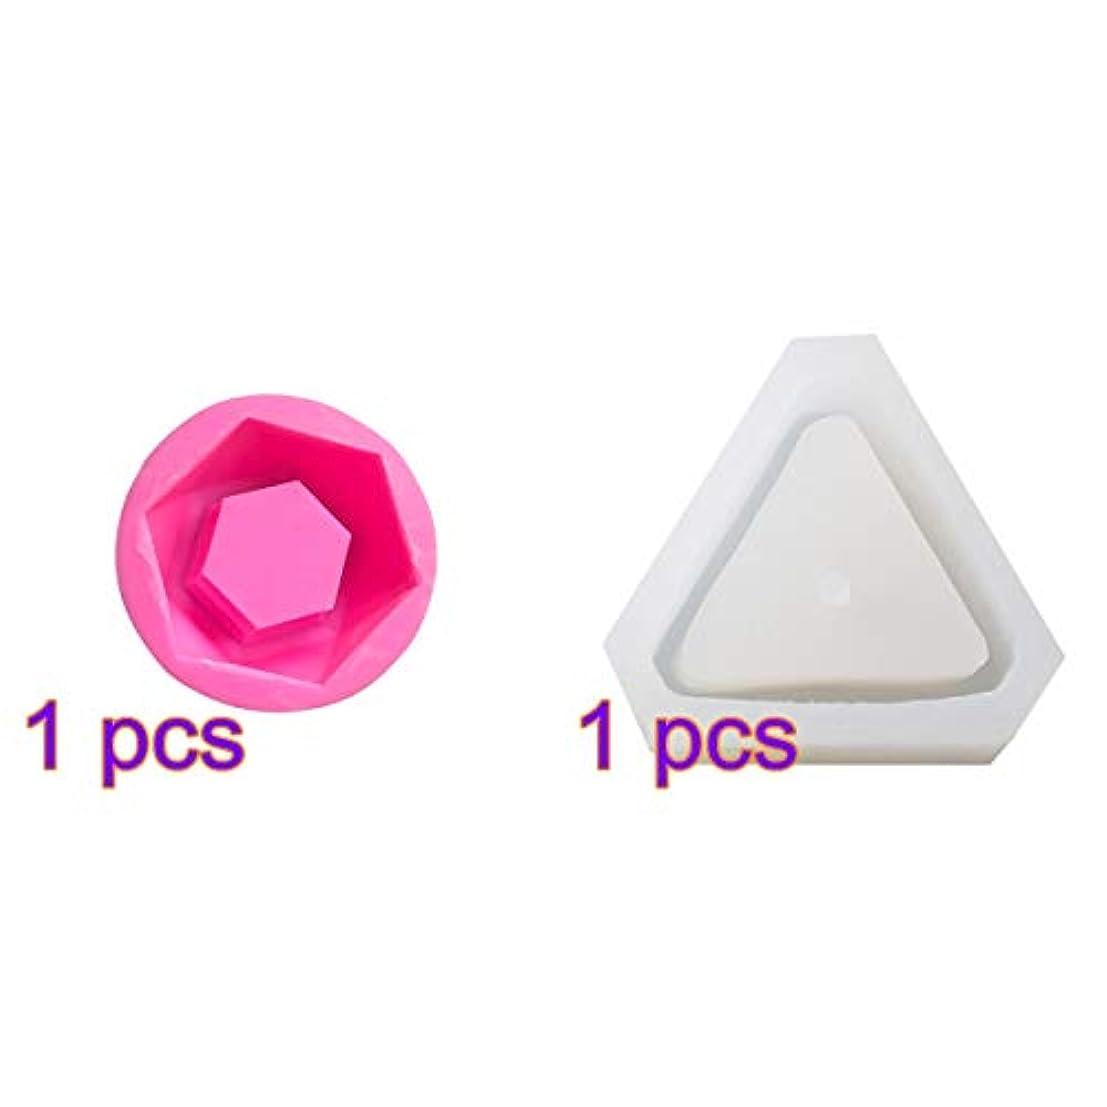 宣言するおめでとう解放するSUPVOX シリコーン金型多肉植物植物セメントプランター金型ホームインテリア(三角形+ダイヤモンド)